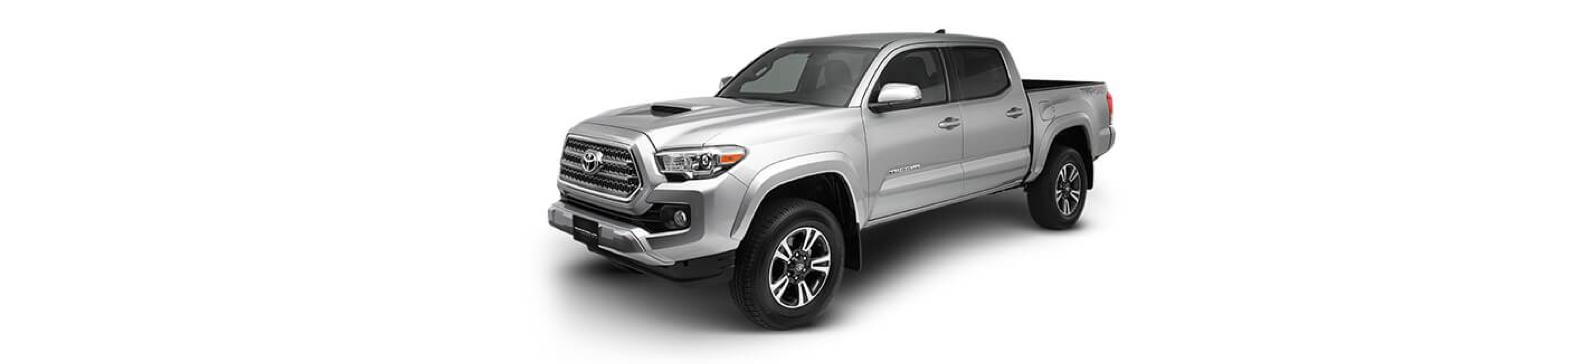 Llamado a revisión para la Toyota Tacoma 2018-2019 por posibles fallas en los frenos